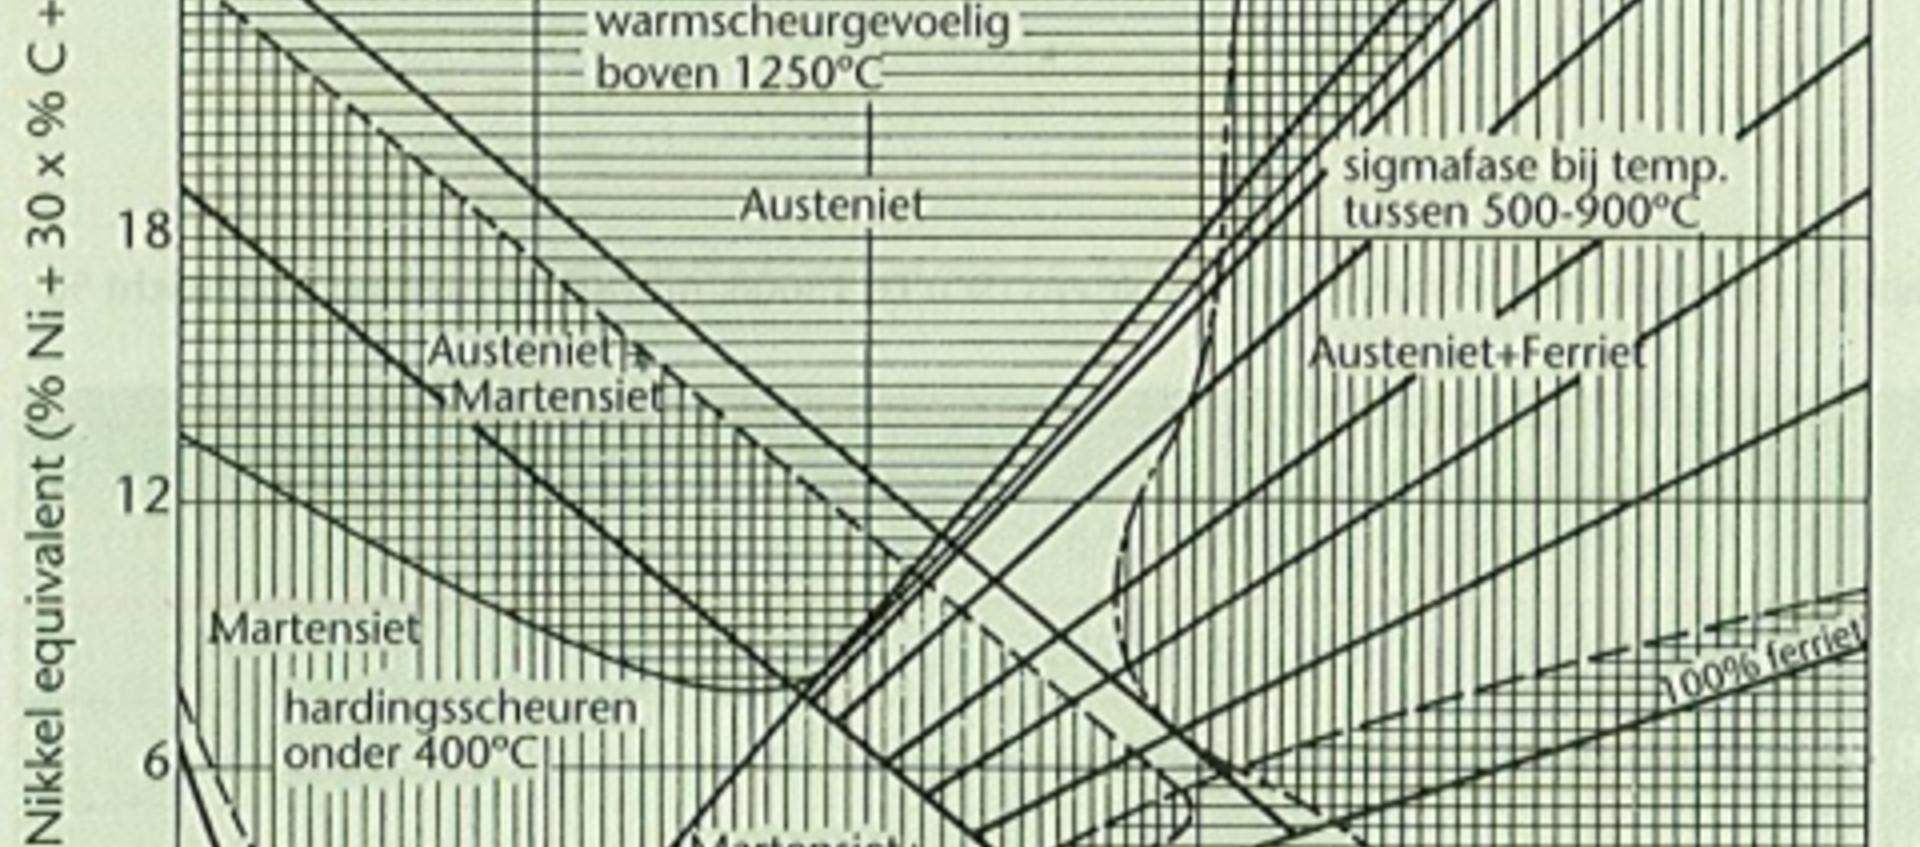 Materialen en hun lasbaarheid groep 8 volgens ISO/TR 15608